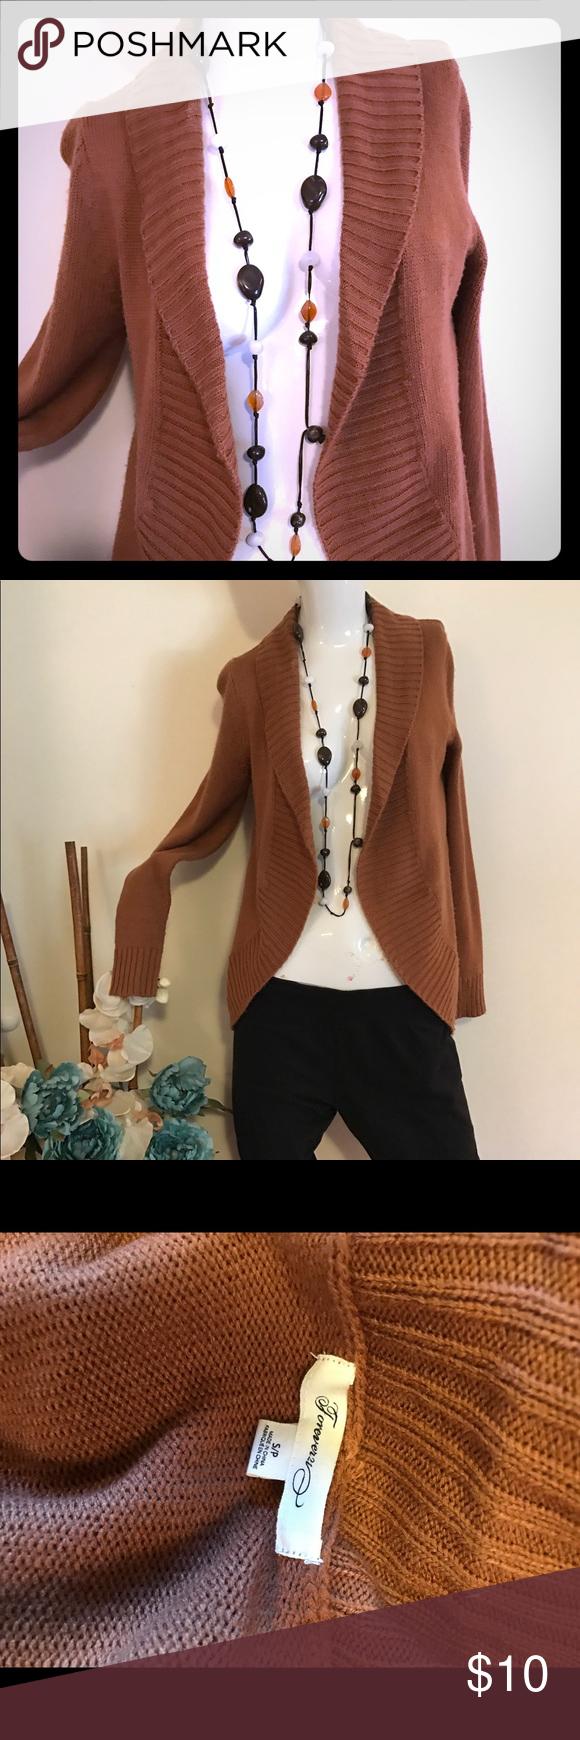 🎉🎉 flash sale! Tan brown cardigan